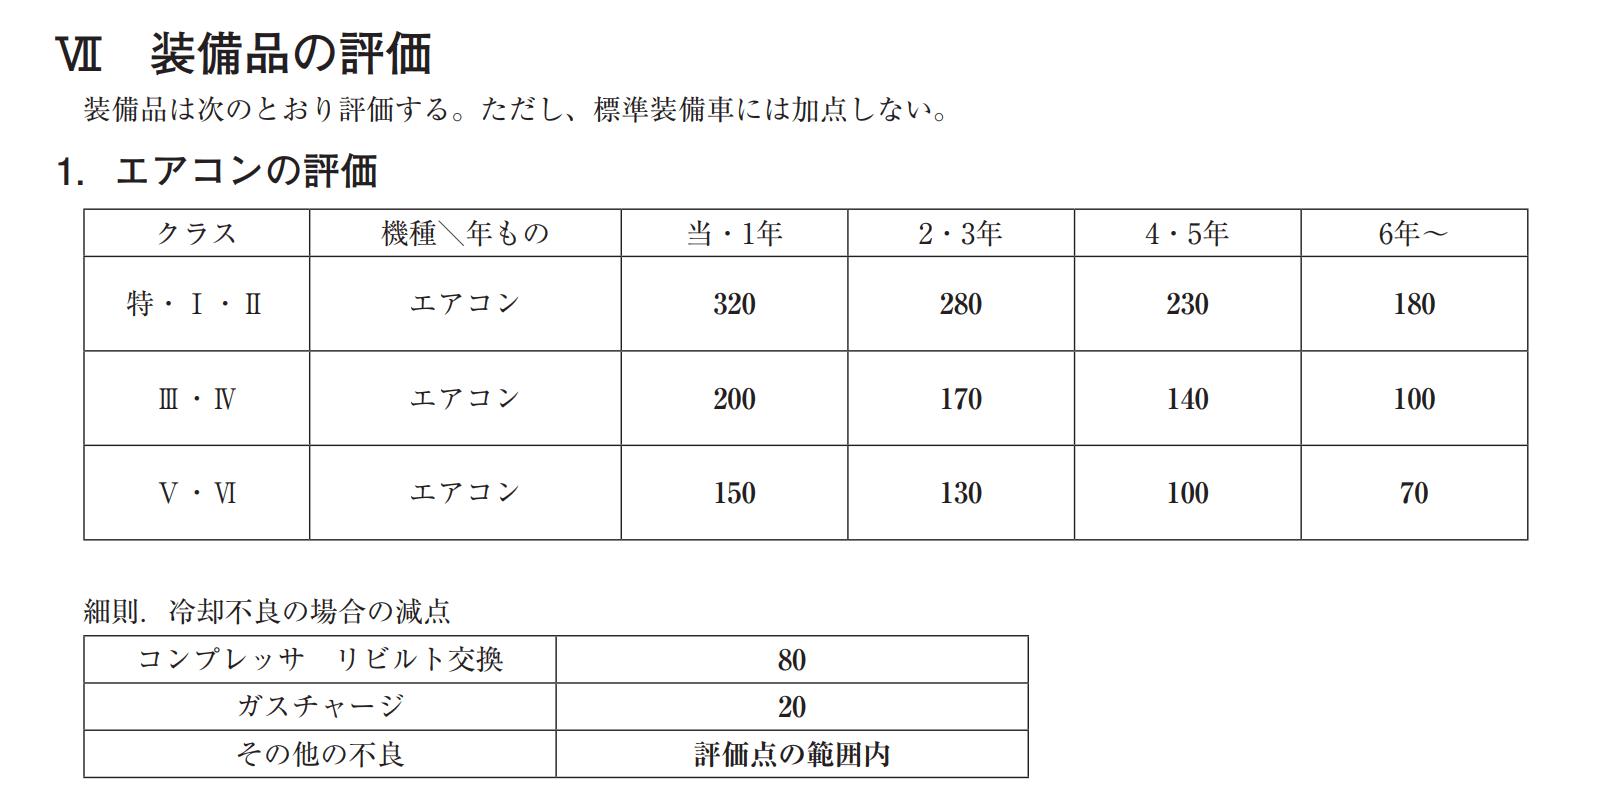 JAAI「中古自動車査定基準及び細則」